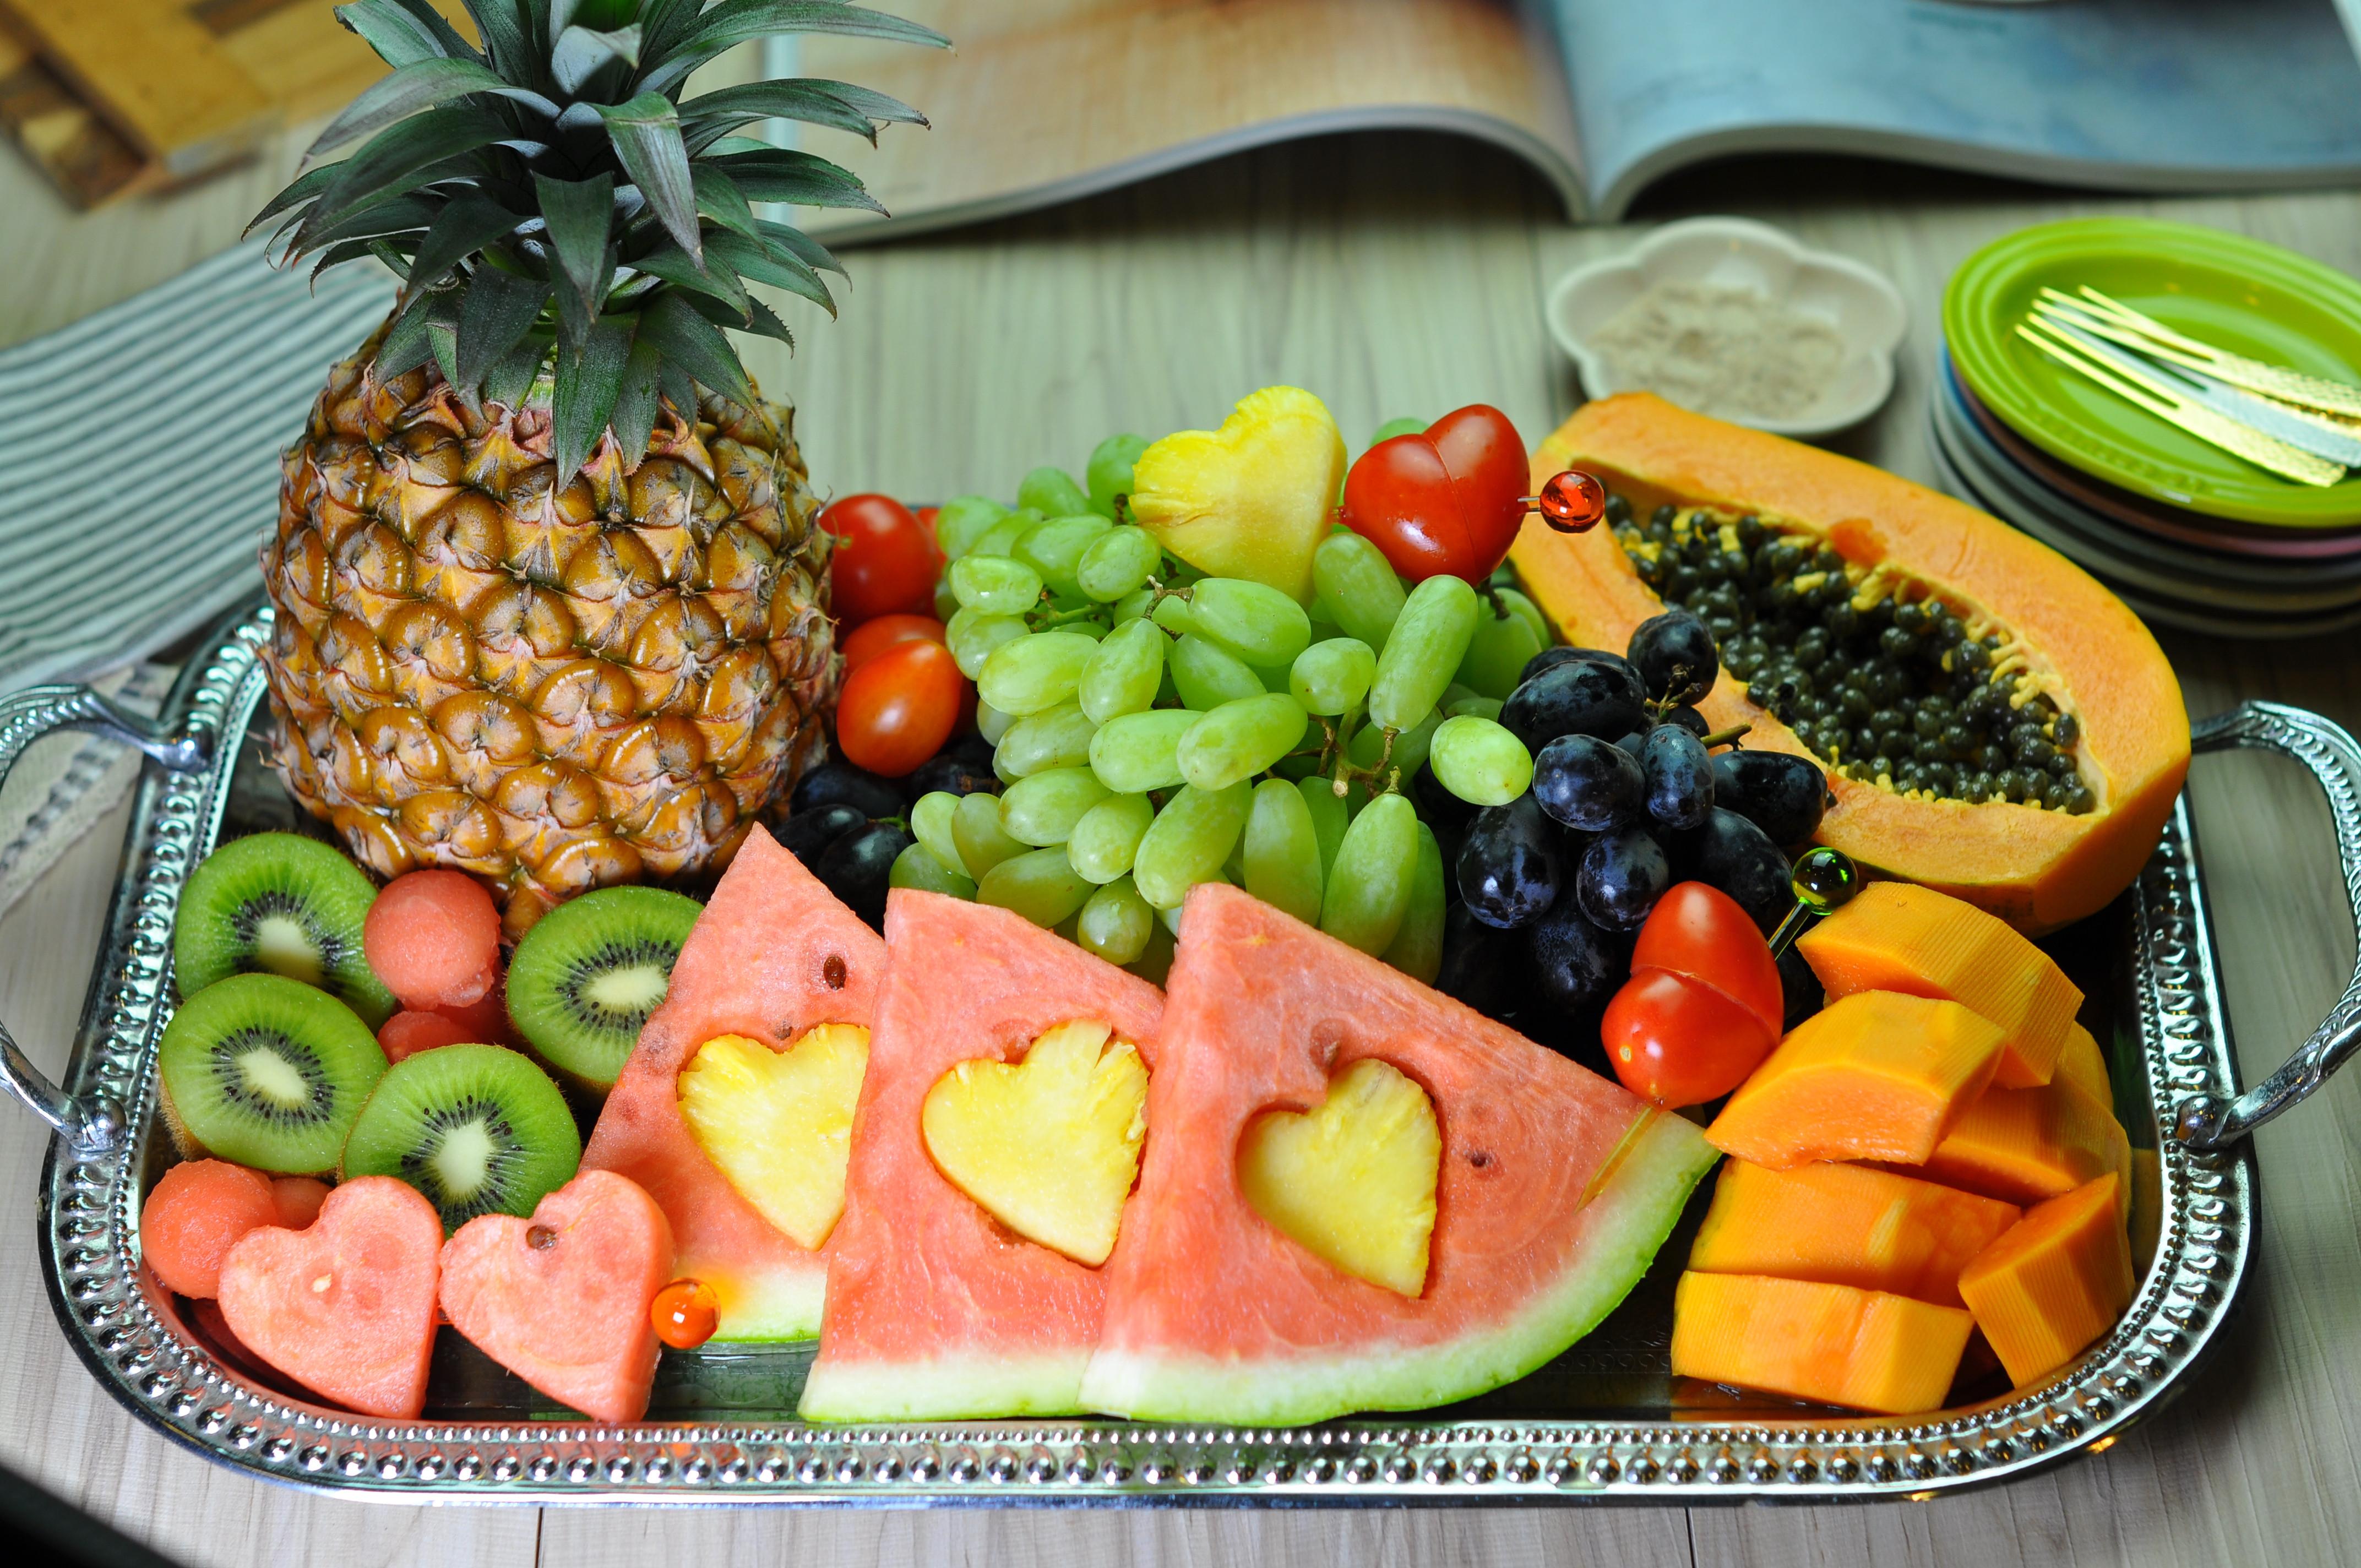 芭比盛宴水果盤--電影美食端上桌